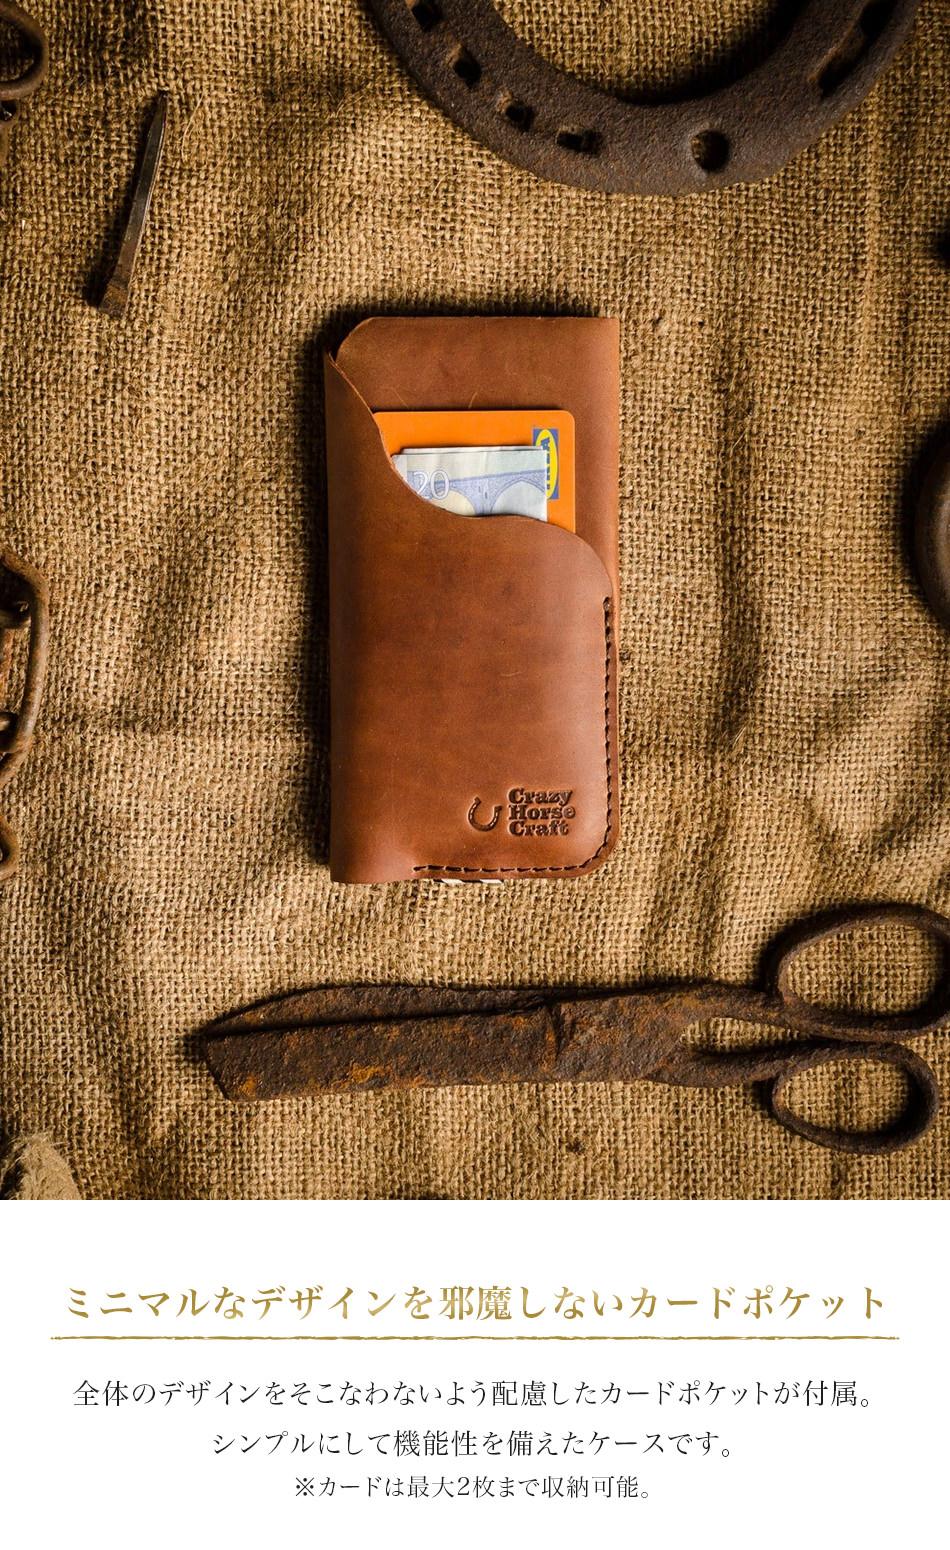 ミニマルなデザインを邪魔しないカードポケット